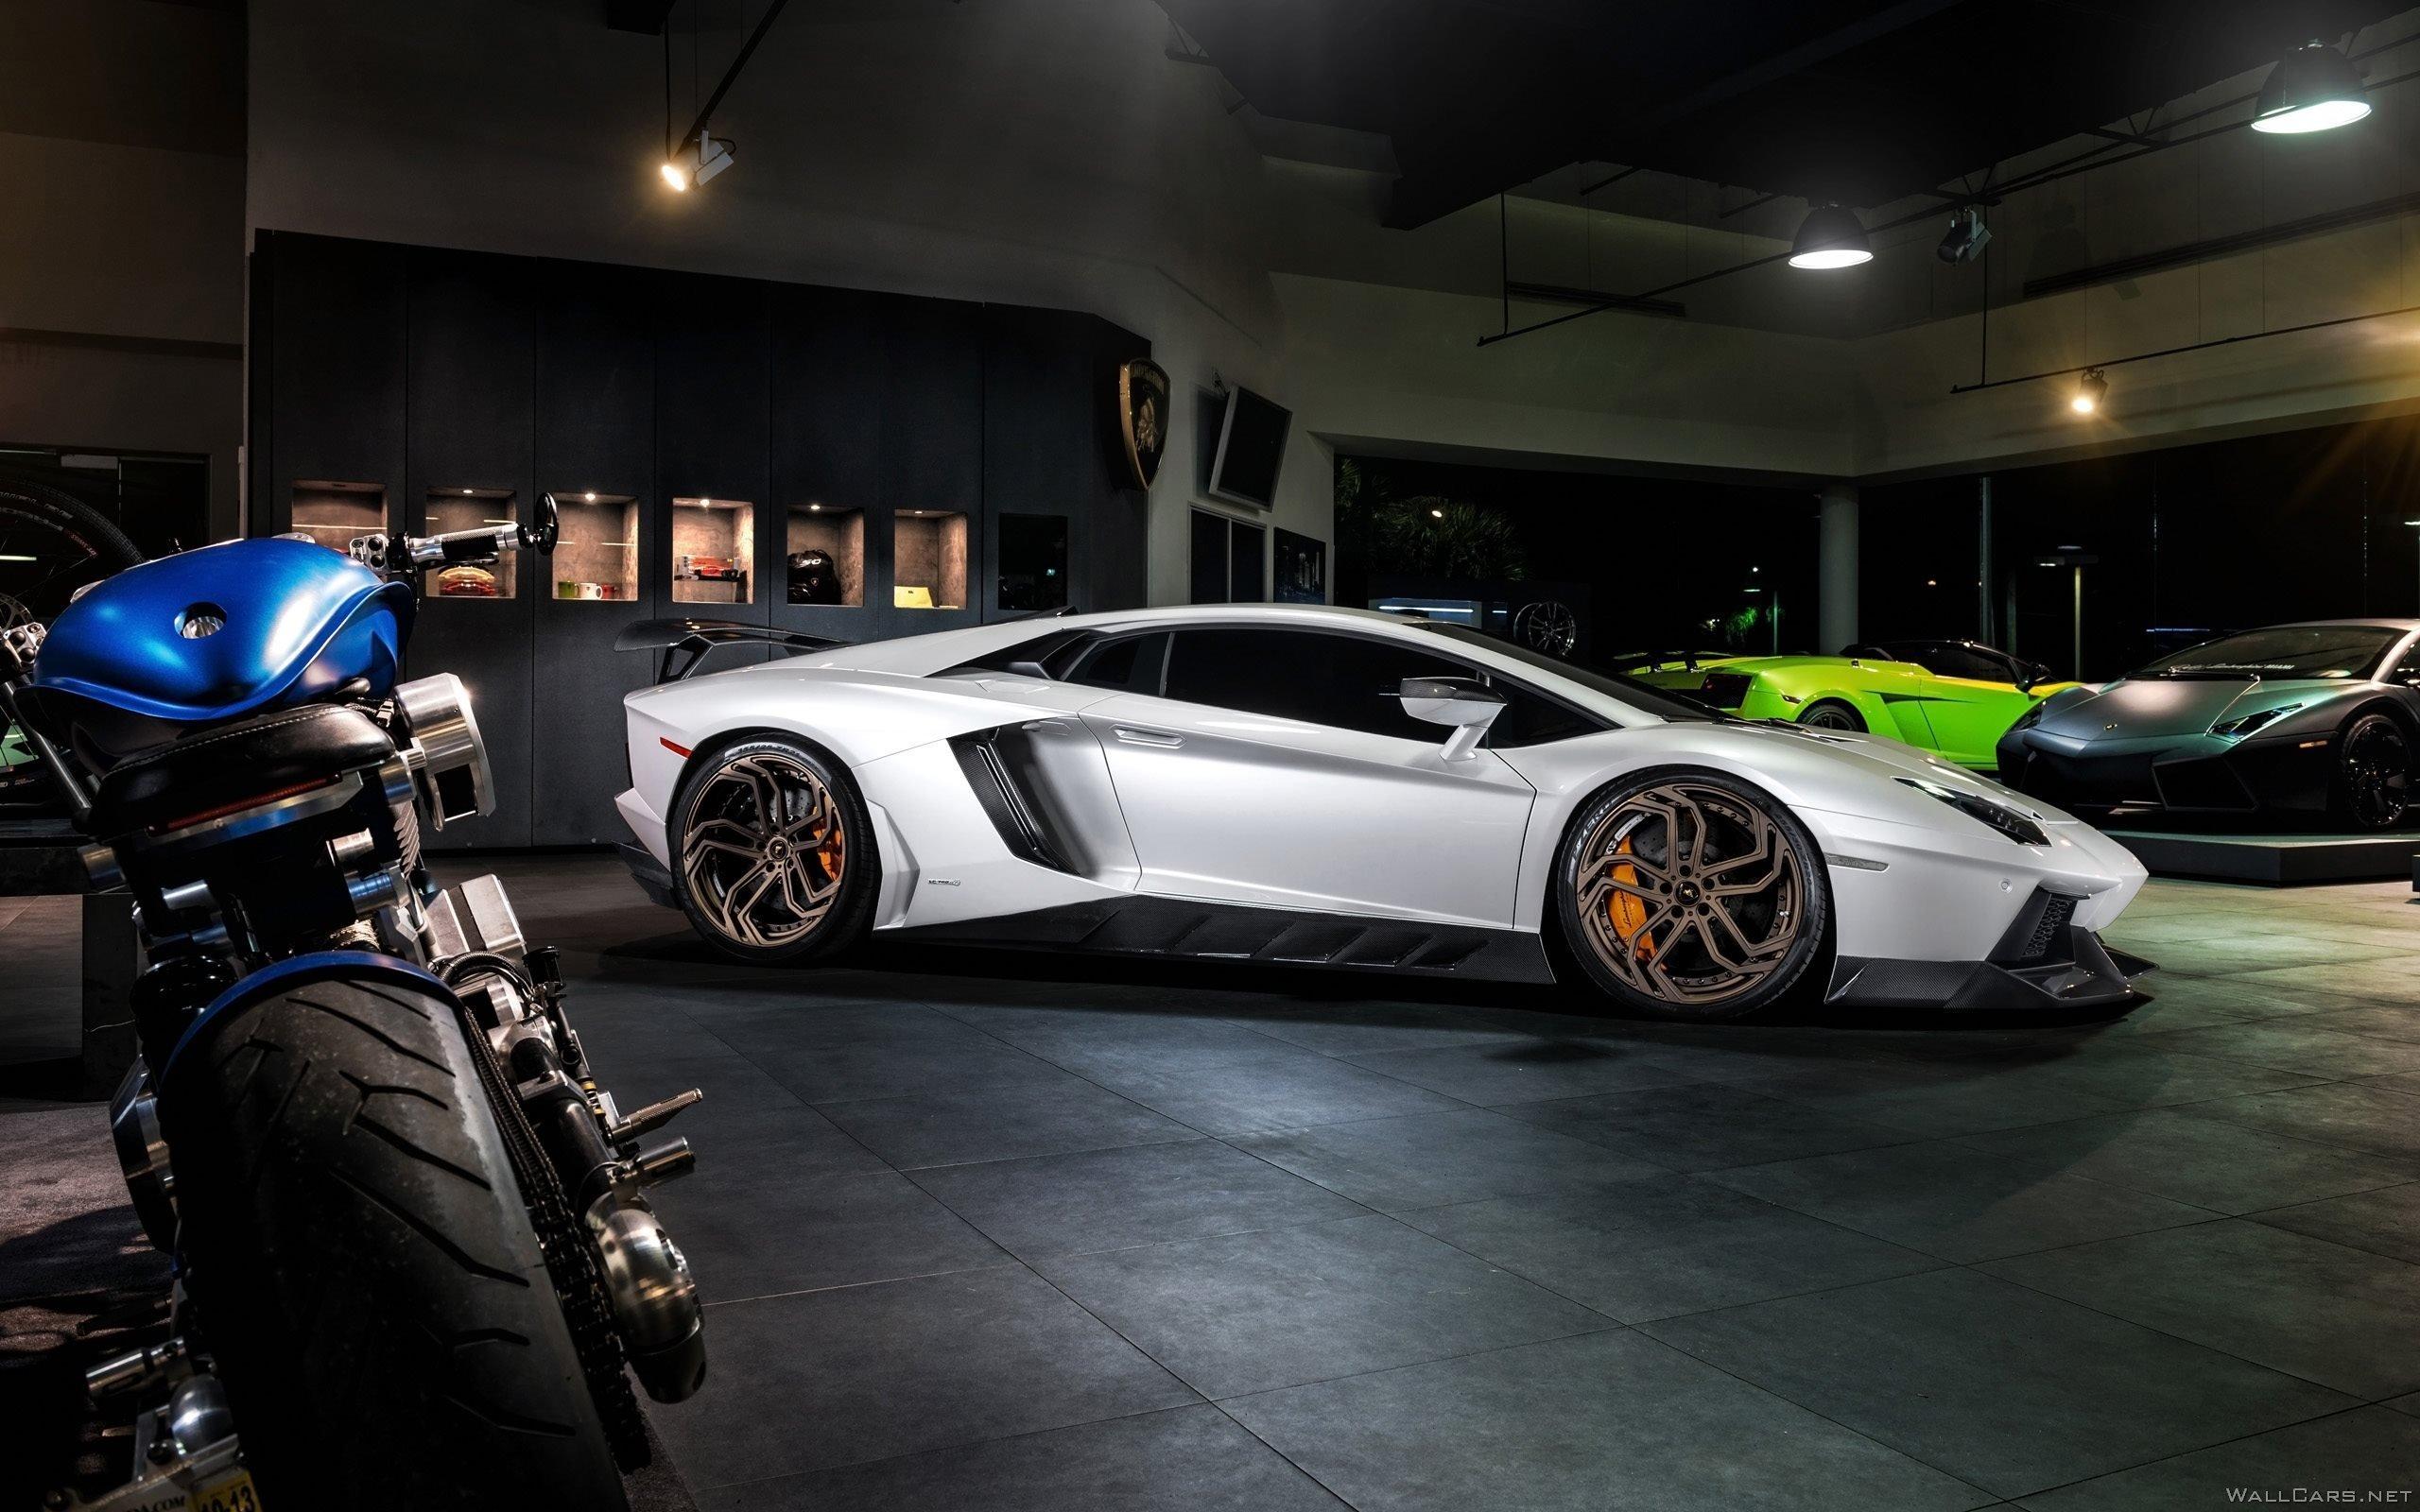 Bmw S1000rr Girl Wallpaper Lamborghini And Bike Hd Cars 4k Wallpapers Images